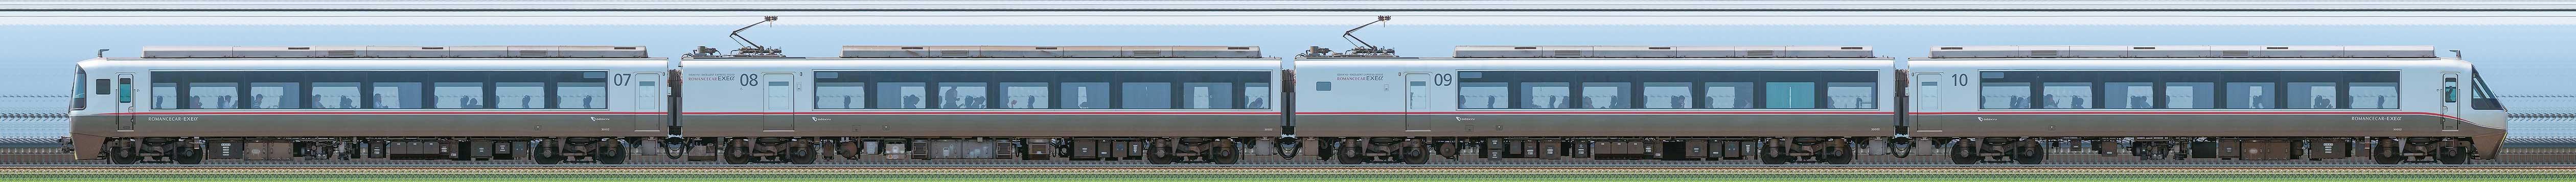 小田急30000形ロマンスカー「EXEα」30052×4(海側)の編成サイドビュー